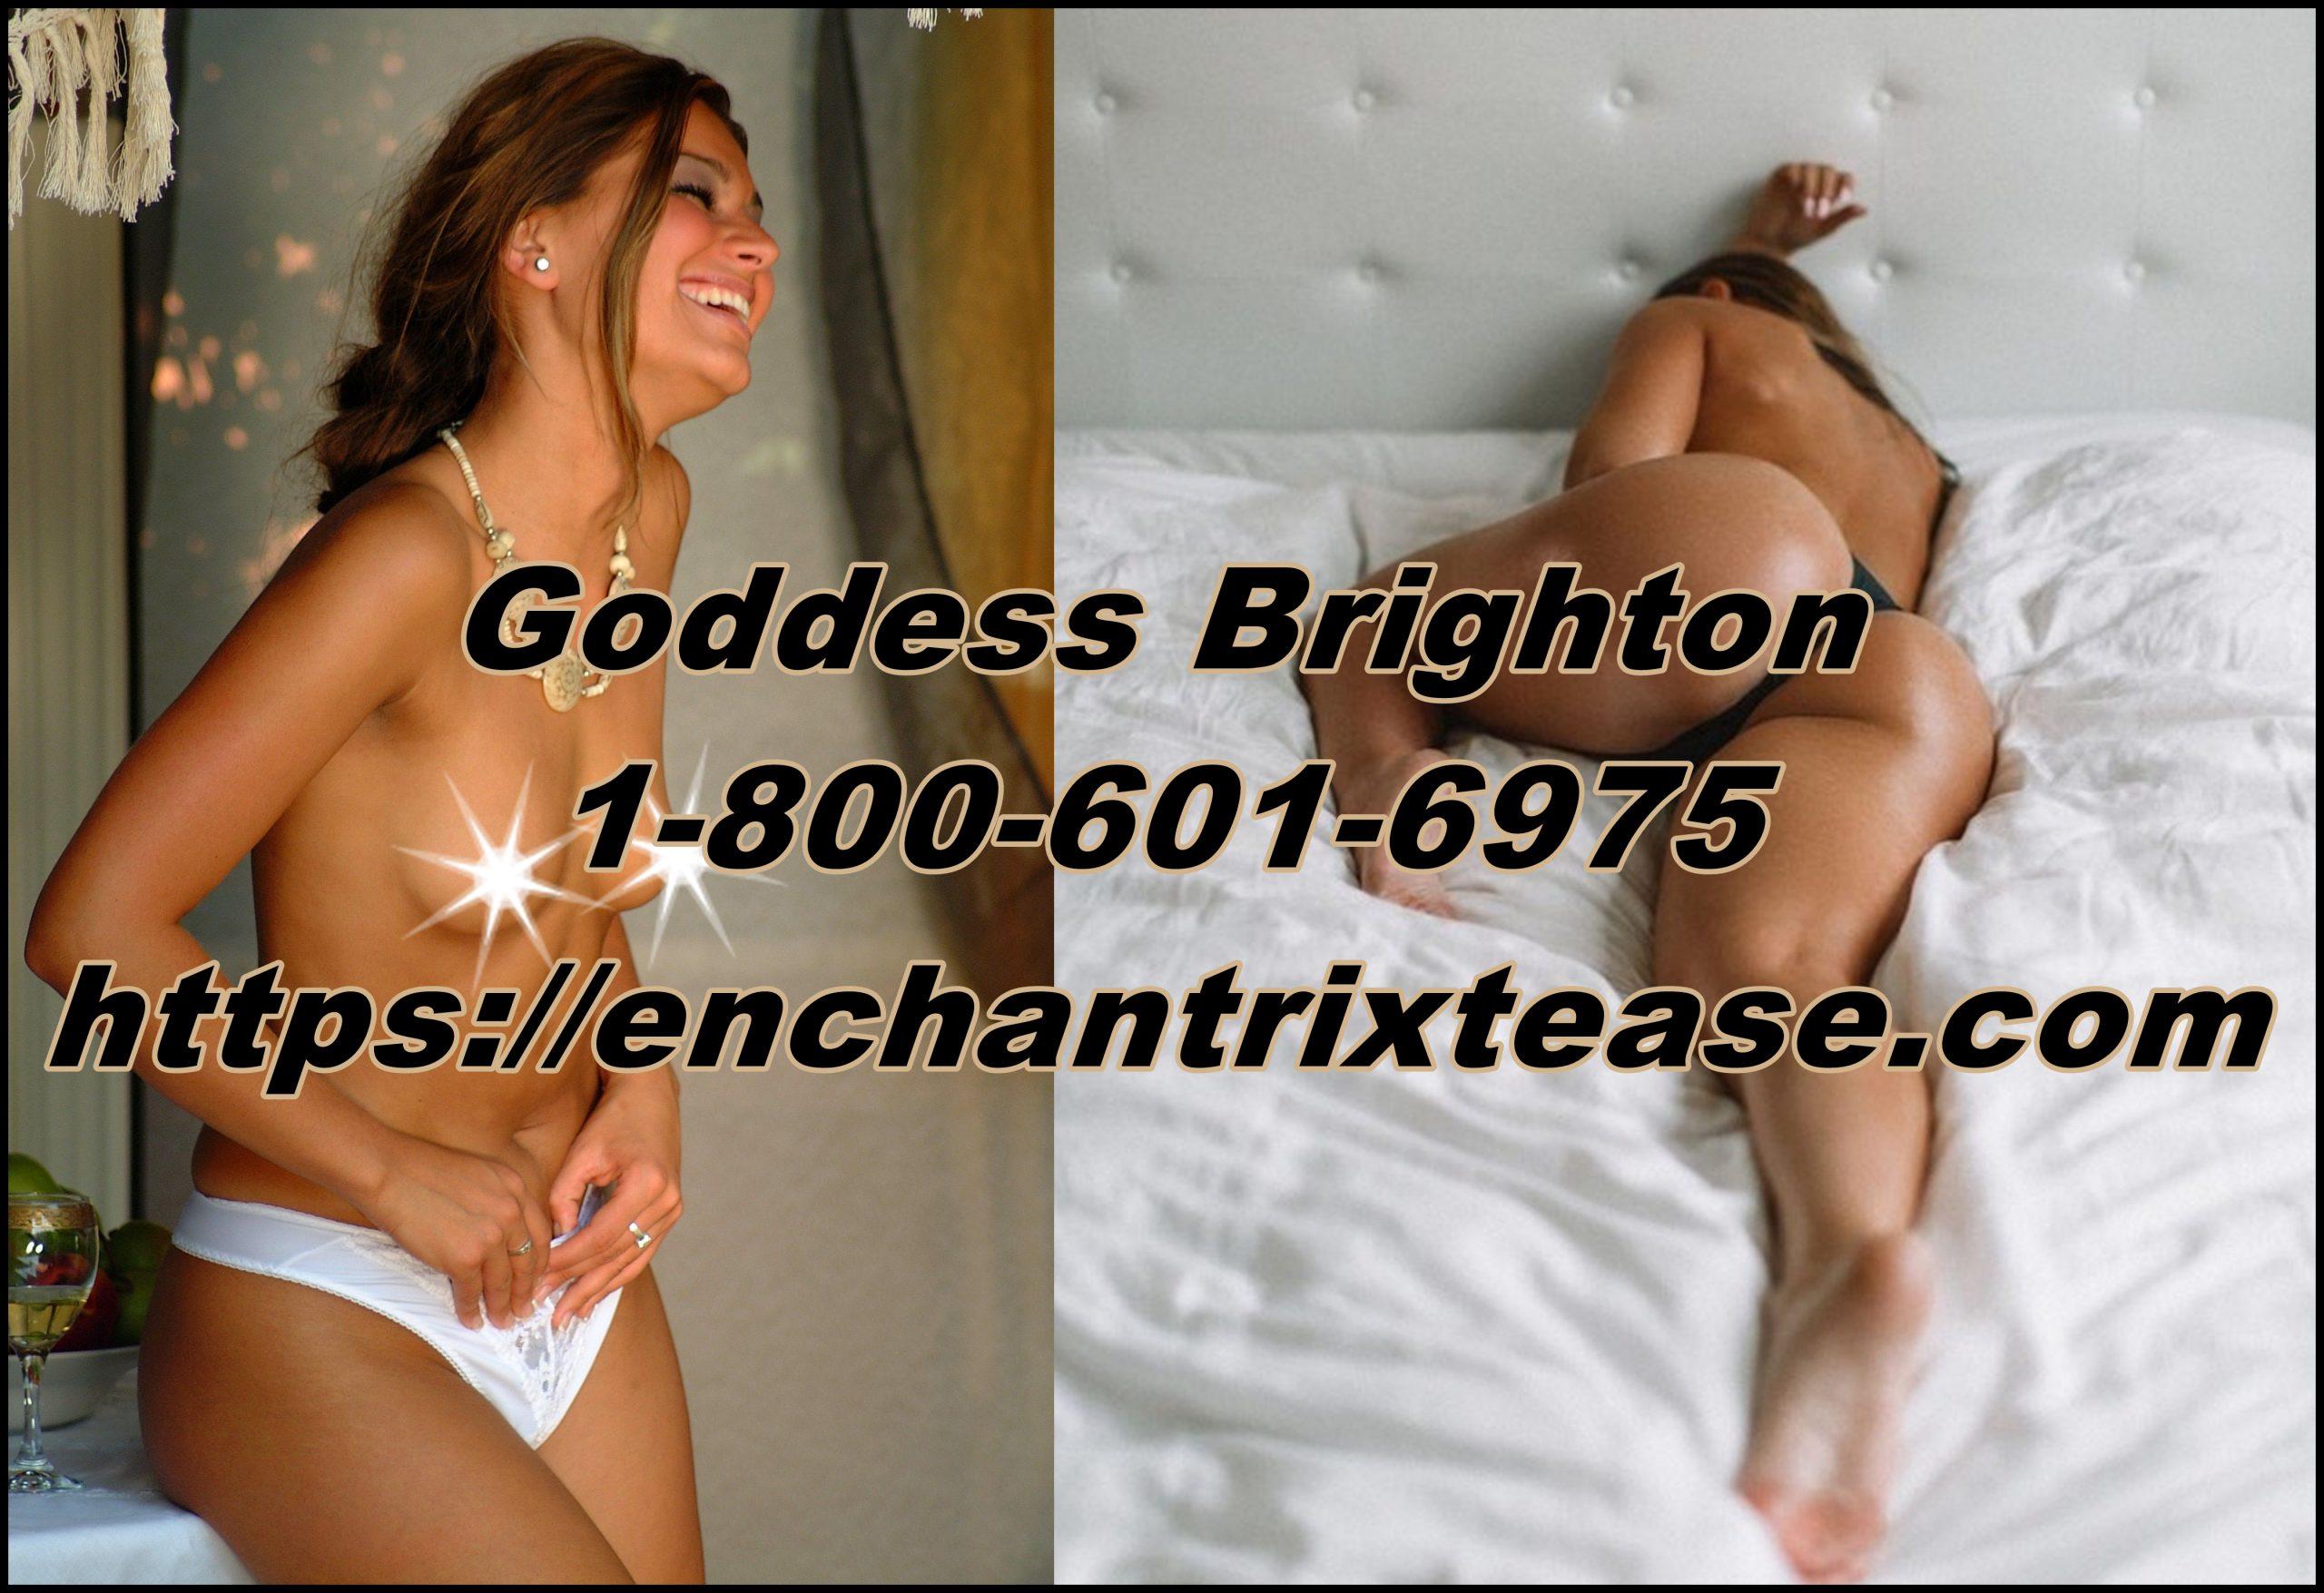 Mistress Brighton Birthday Shenanigans